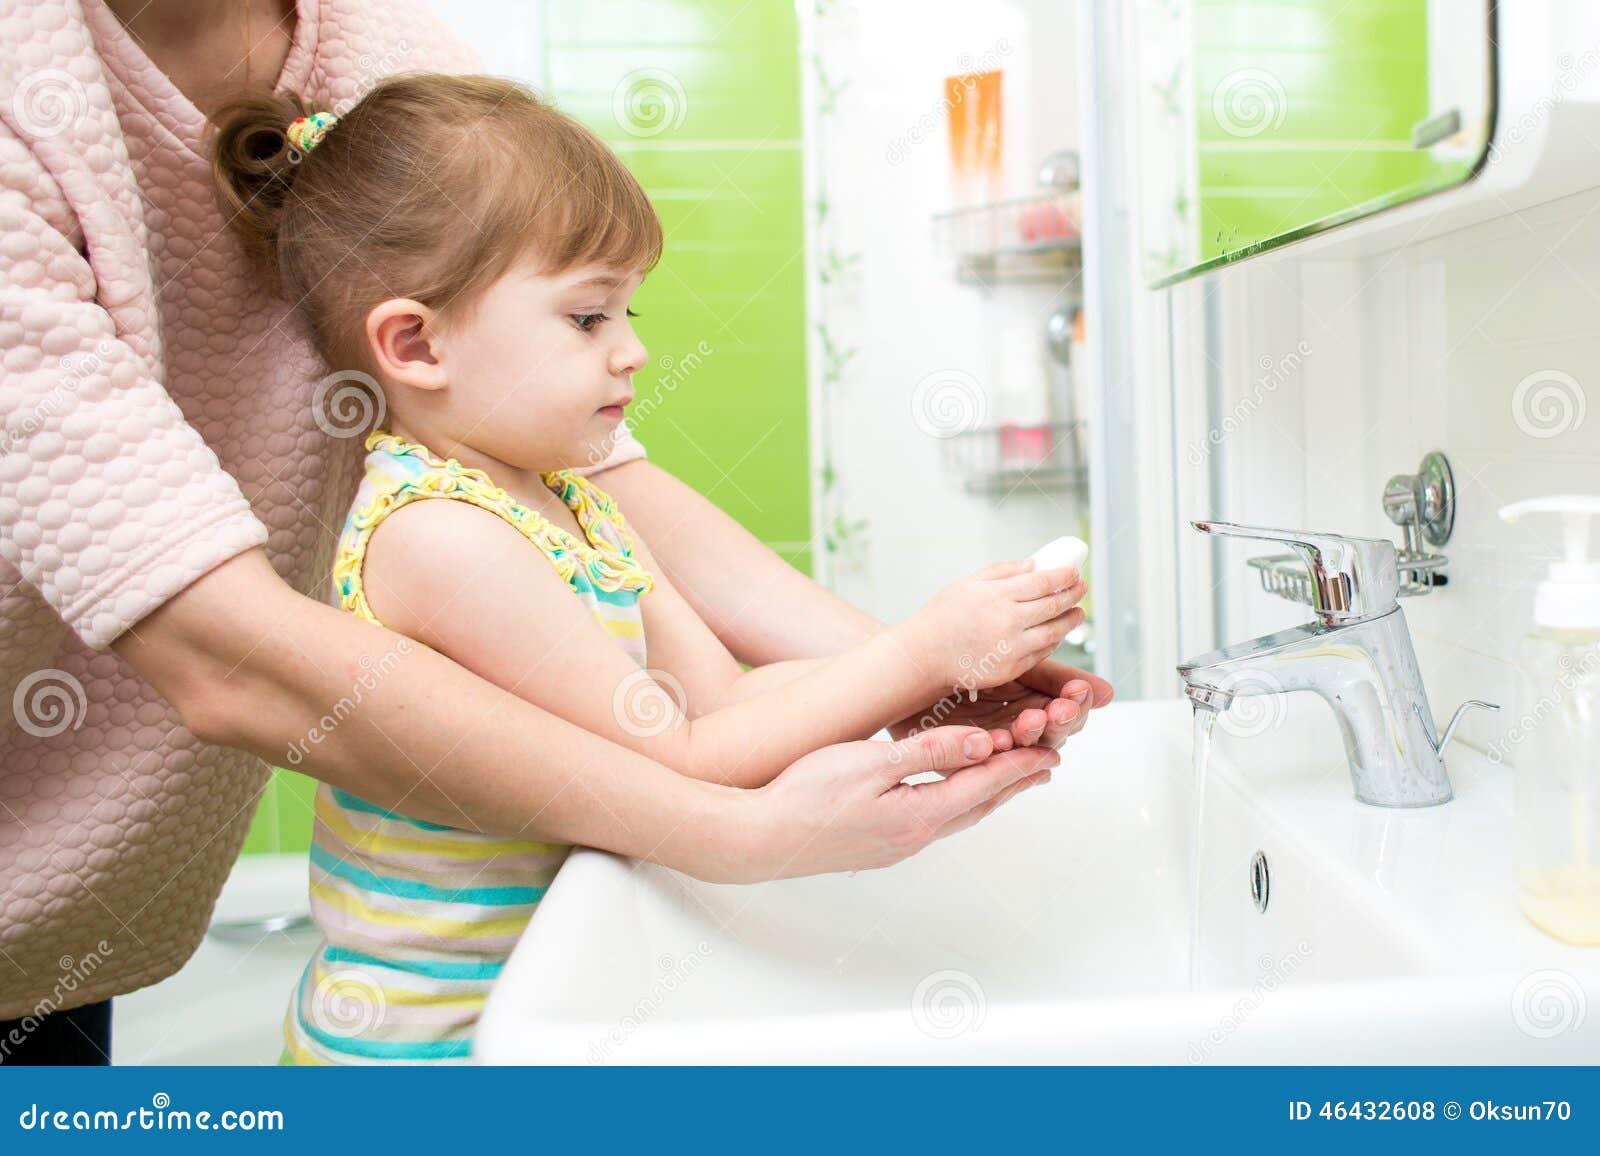 фото парня и девушки в ванной